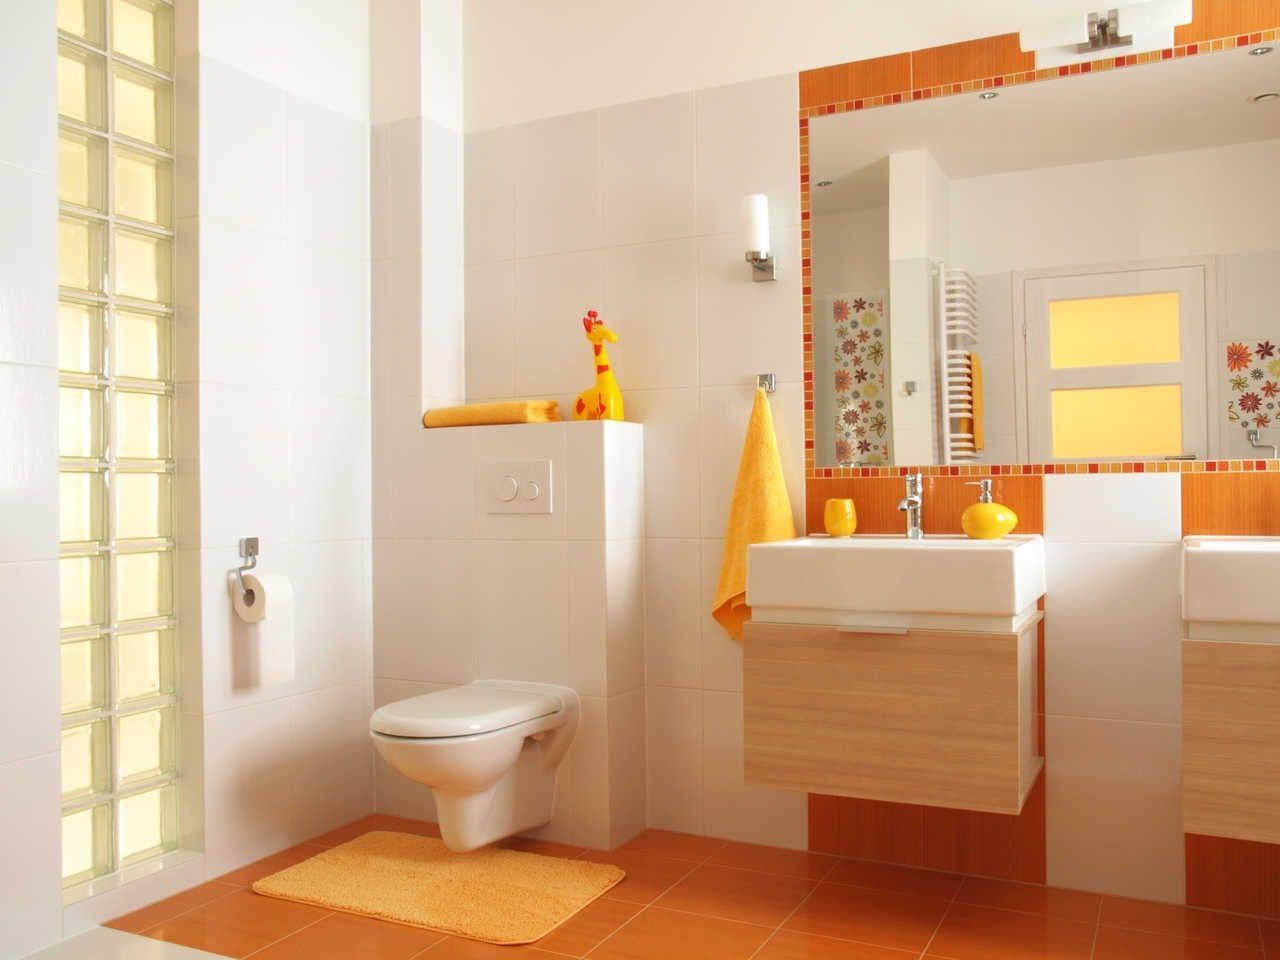 Cosas Que No Te Conviene Guardar En El Bano Bathroom Ideasbathroom